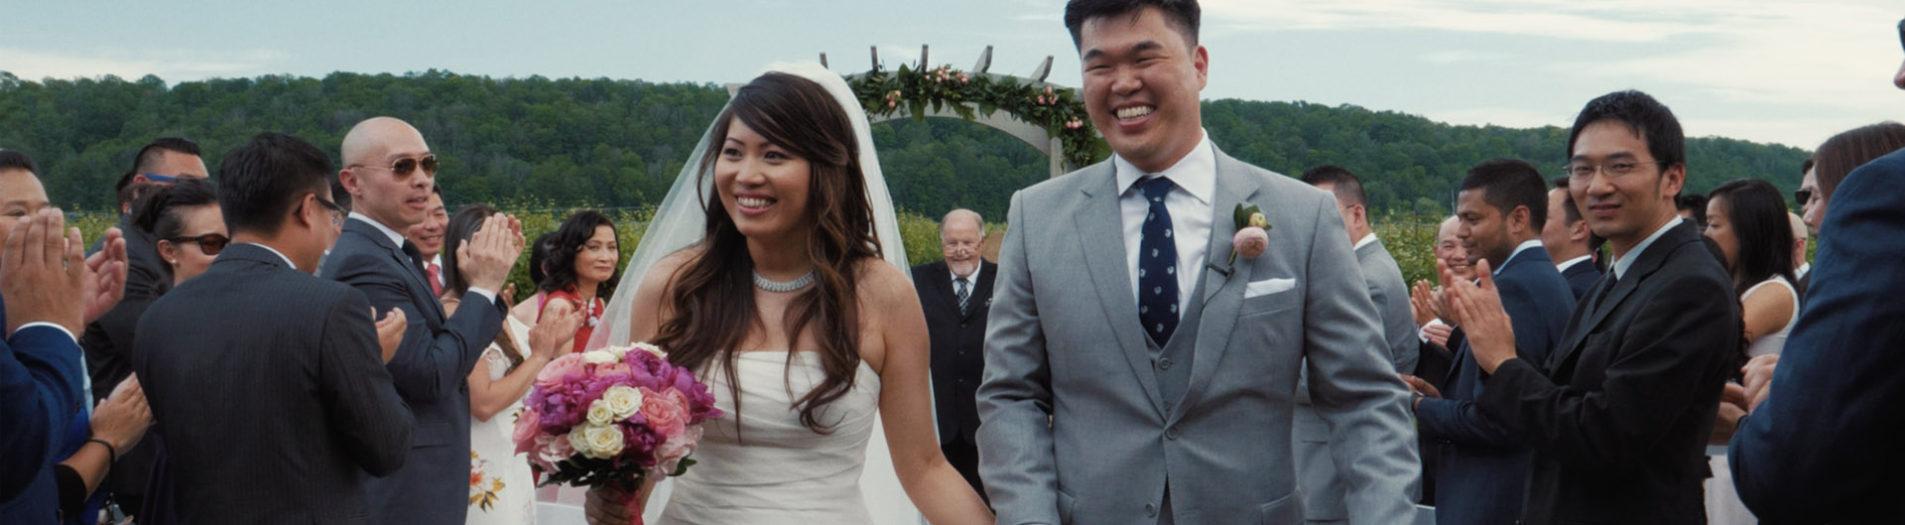 Doris + Mike | Wedding Highlight Film | Cave Springs Winery, Jordon, Ontario